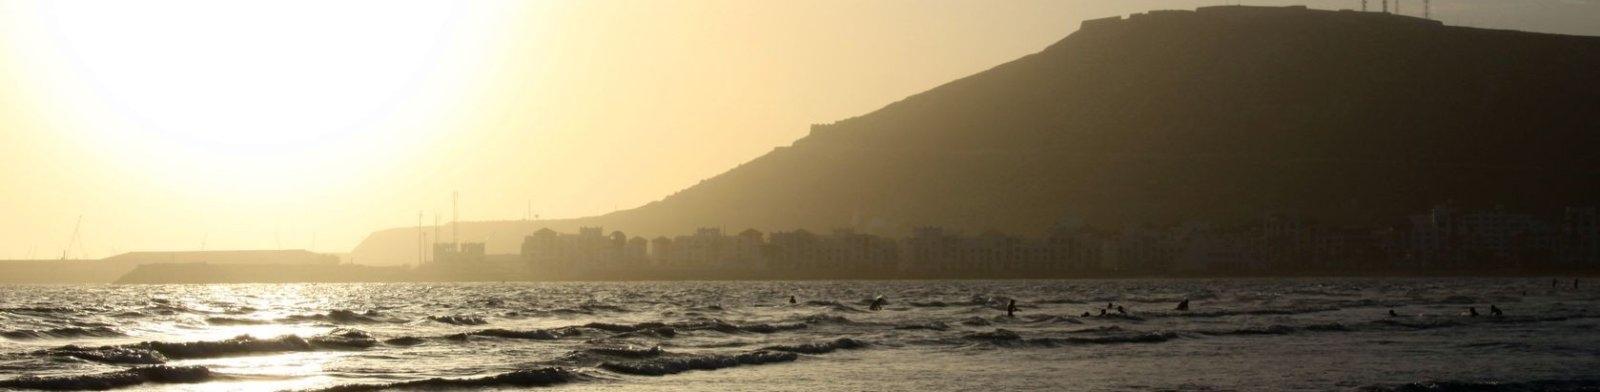 Taghazout beach holidays